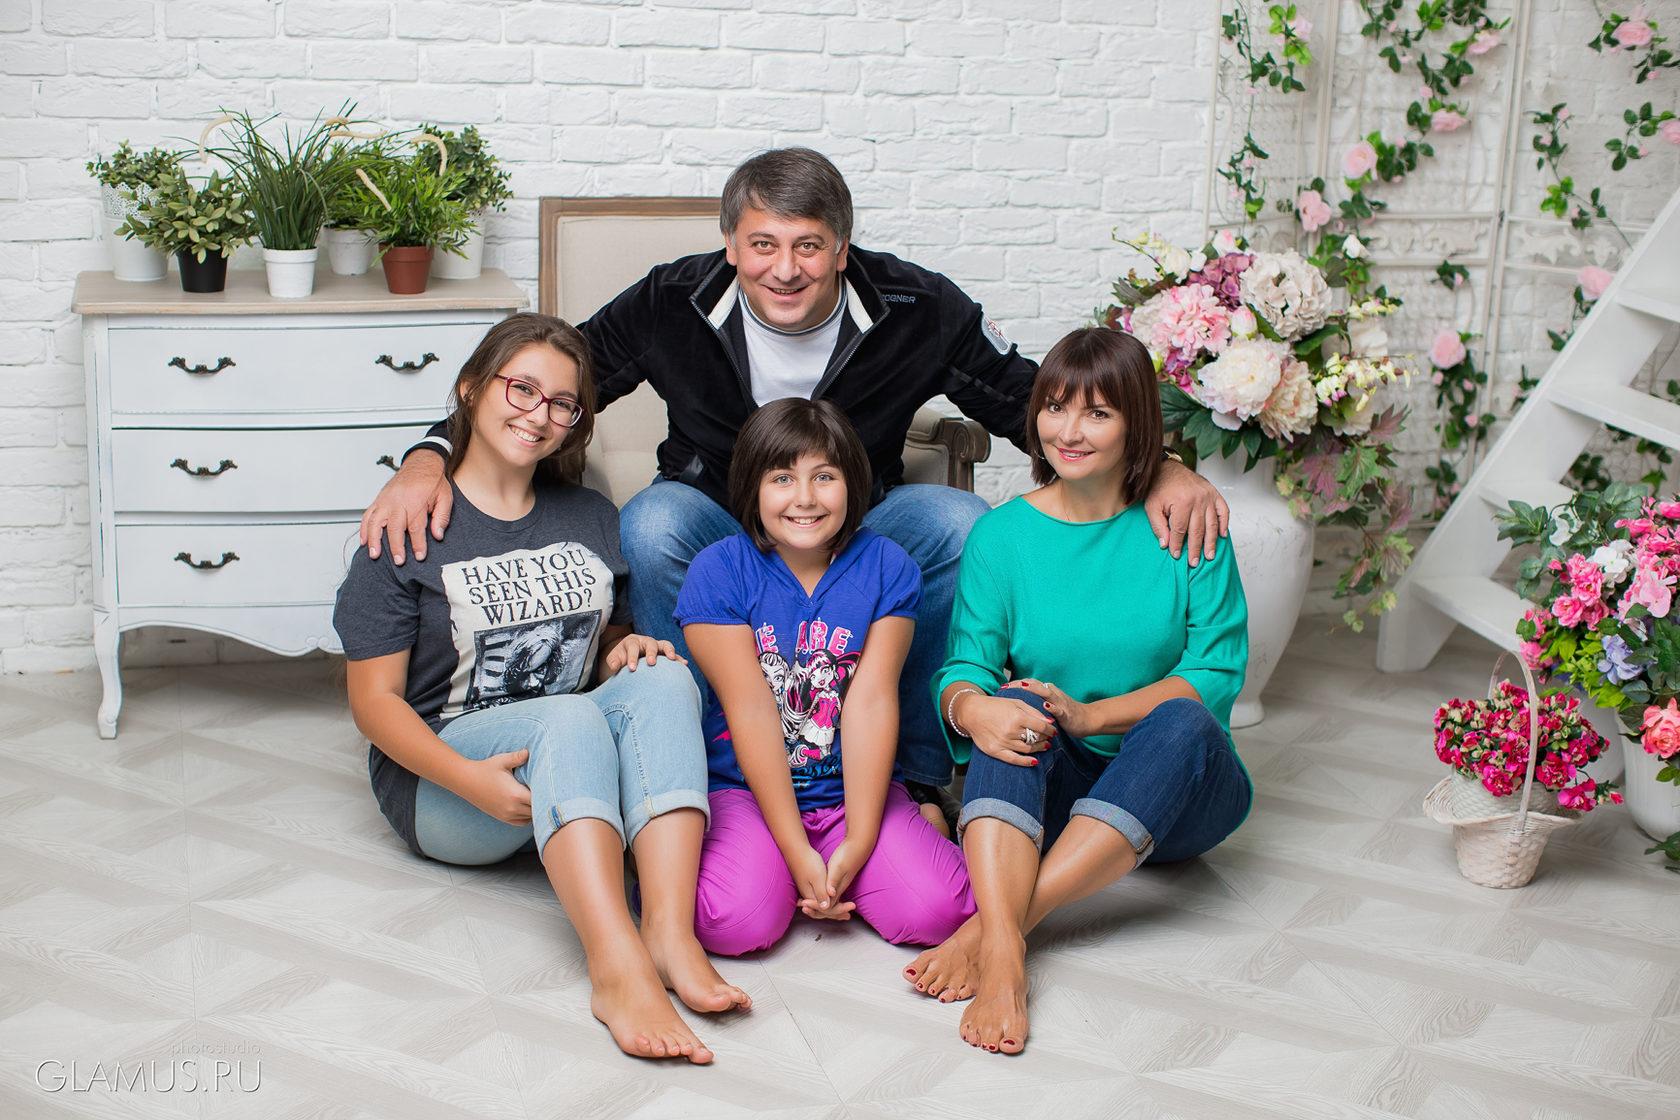 учитываю чай-кофе фотосессия для семьи в студии москва недорого значит что можем